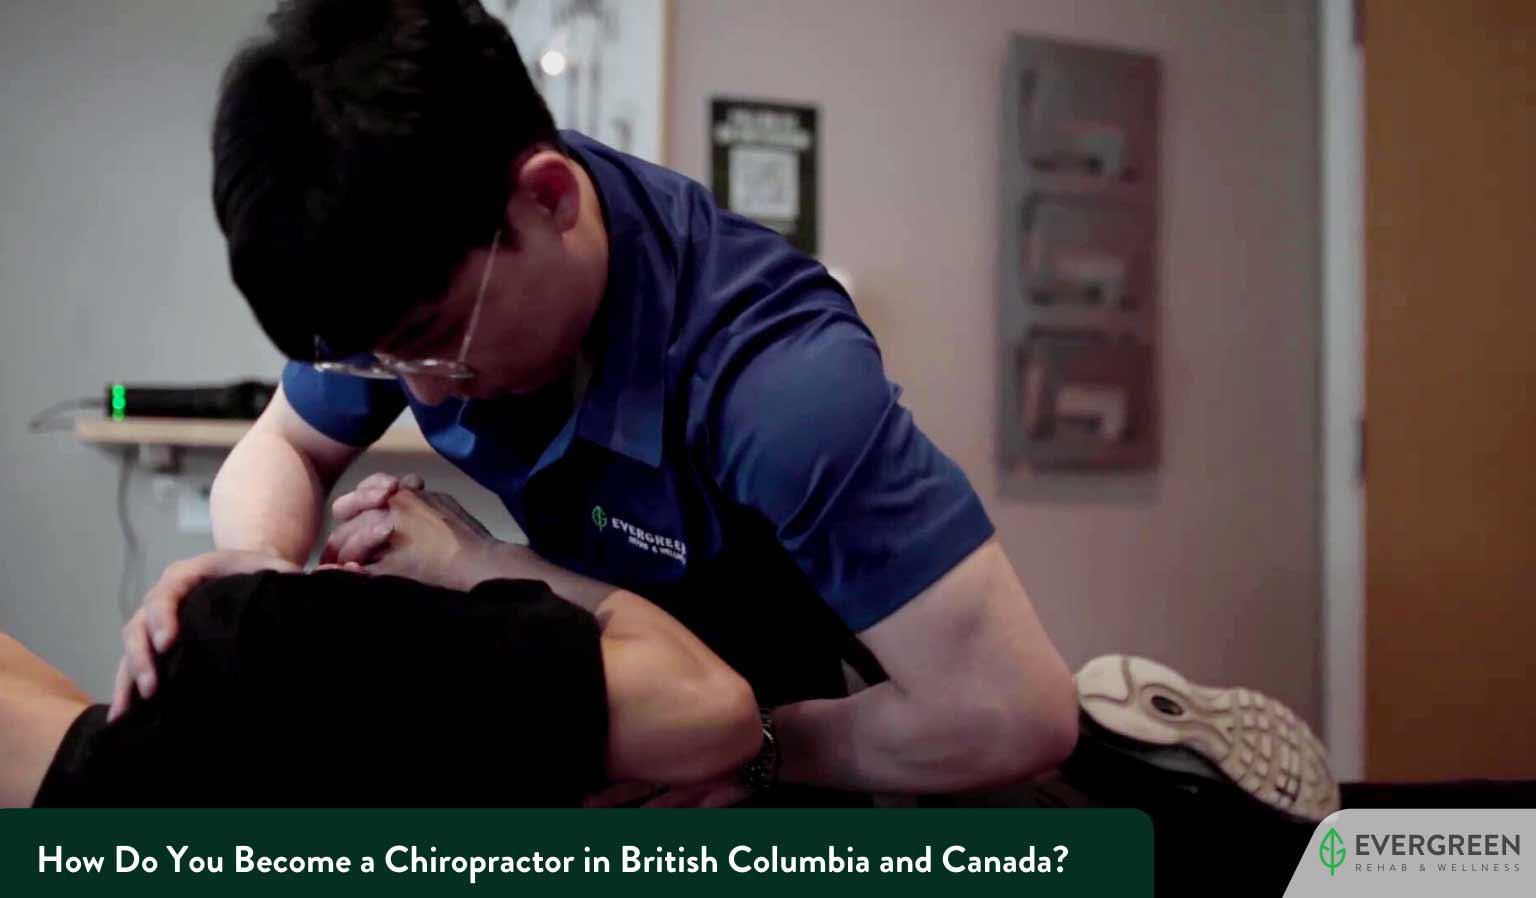 Chiropractor in British Columbia